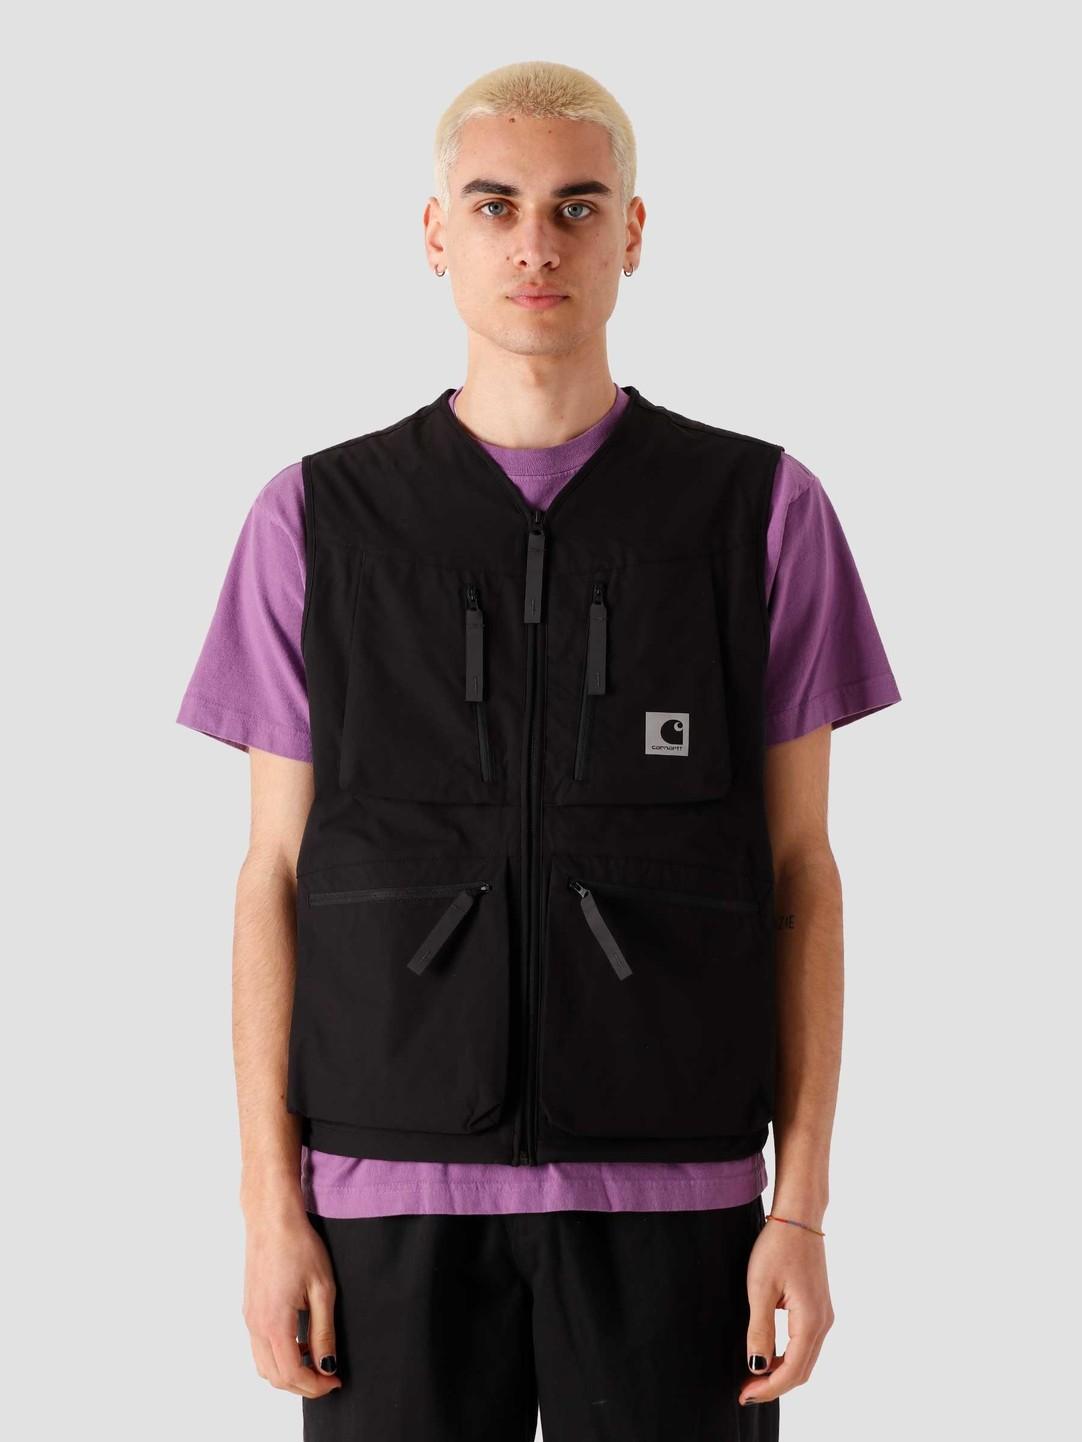 Carhartt WIP Carhartt WIP Hurst Vest Black I028703-8900